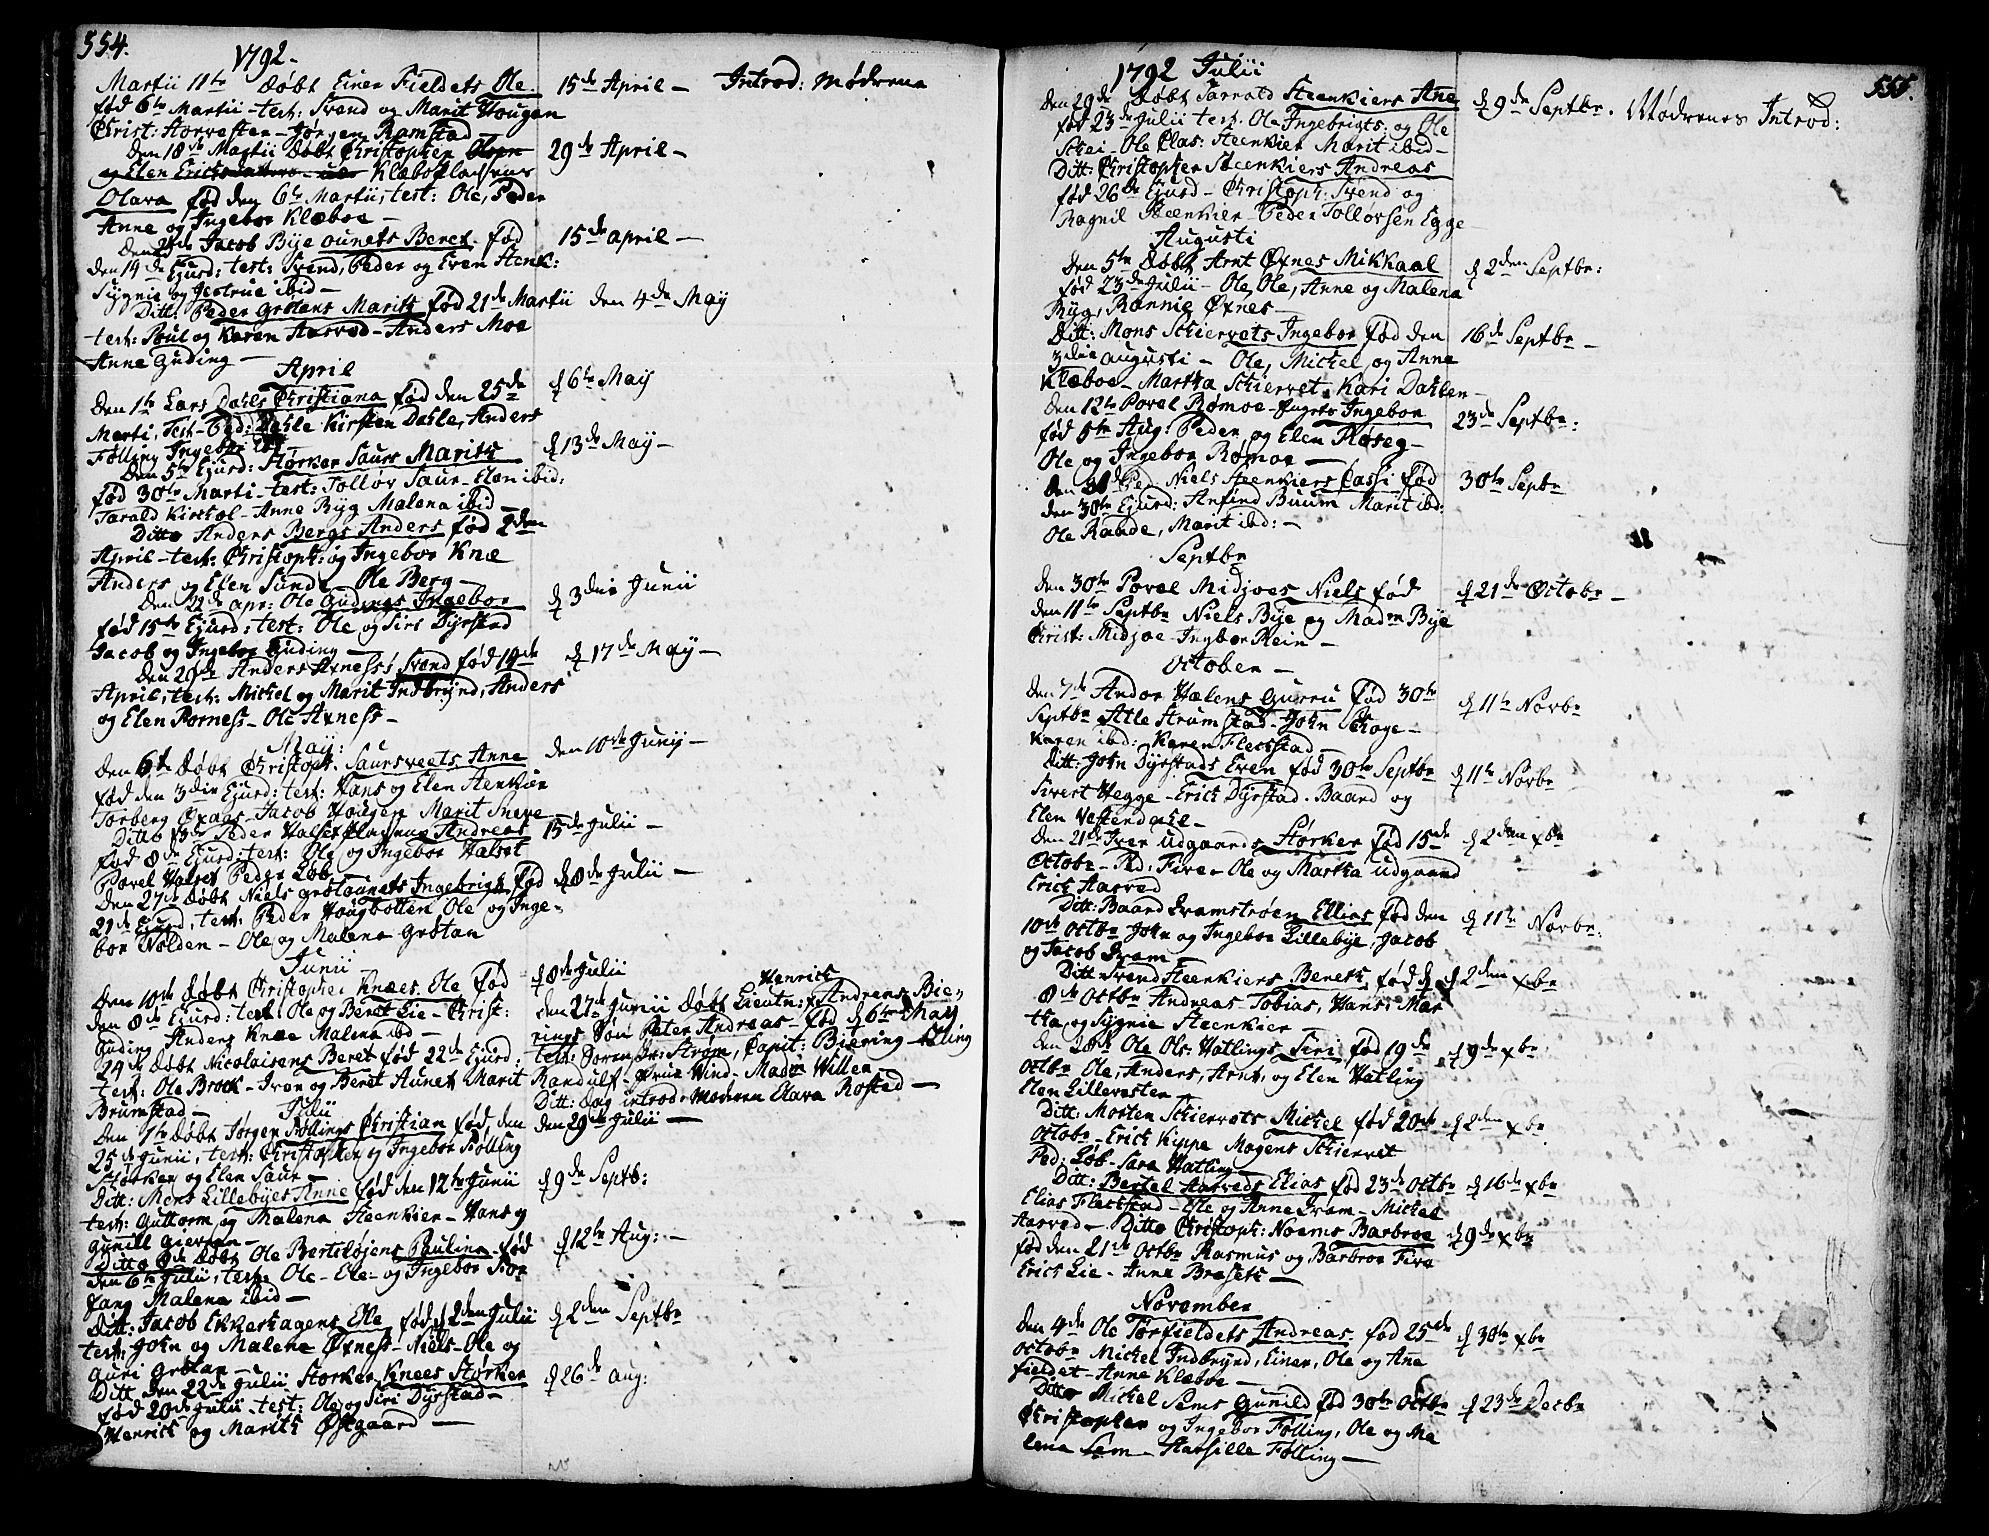 SAT, Ministerialprotokoller, klokkerbøker og fødselsregistre - Nord-Trøndelag, 746/L0440: Ministerialbok nr. 746A02, 1760-1815, s. 554-555